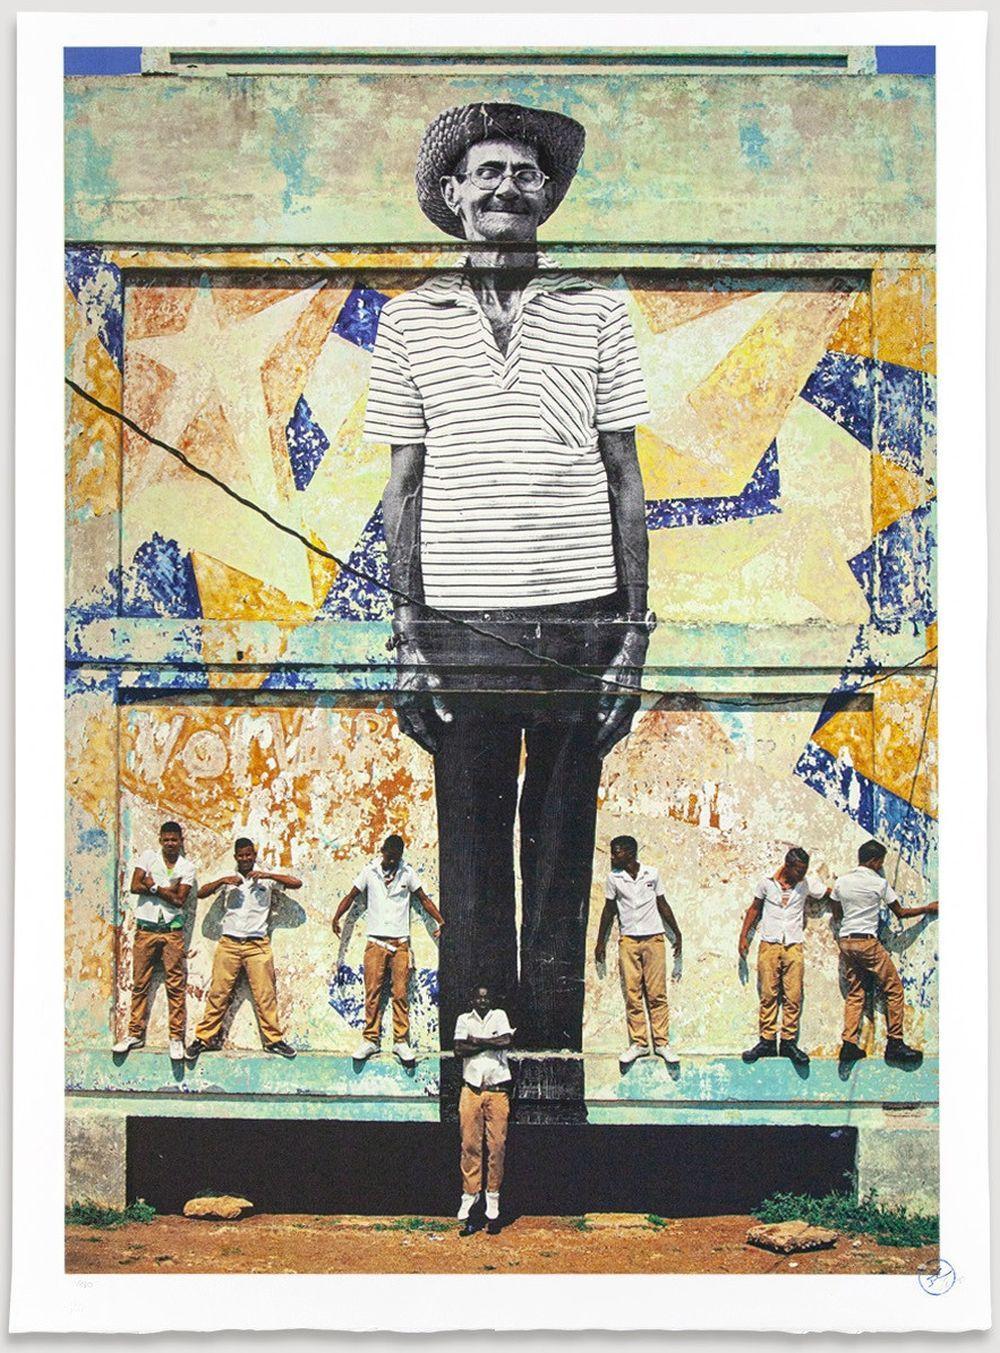 JR - The Wrinkles of The City, La Havana, Antonio Cruz Gordillo, Cuba, 2012